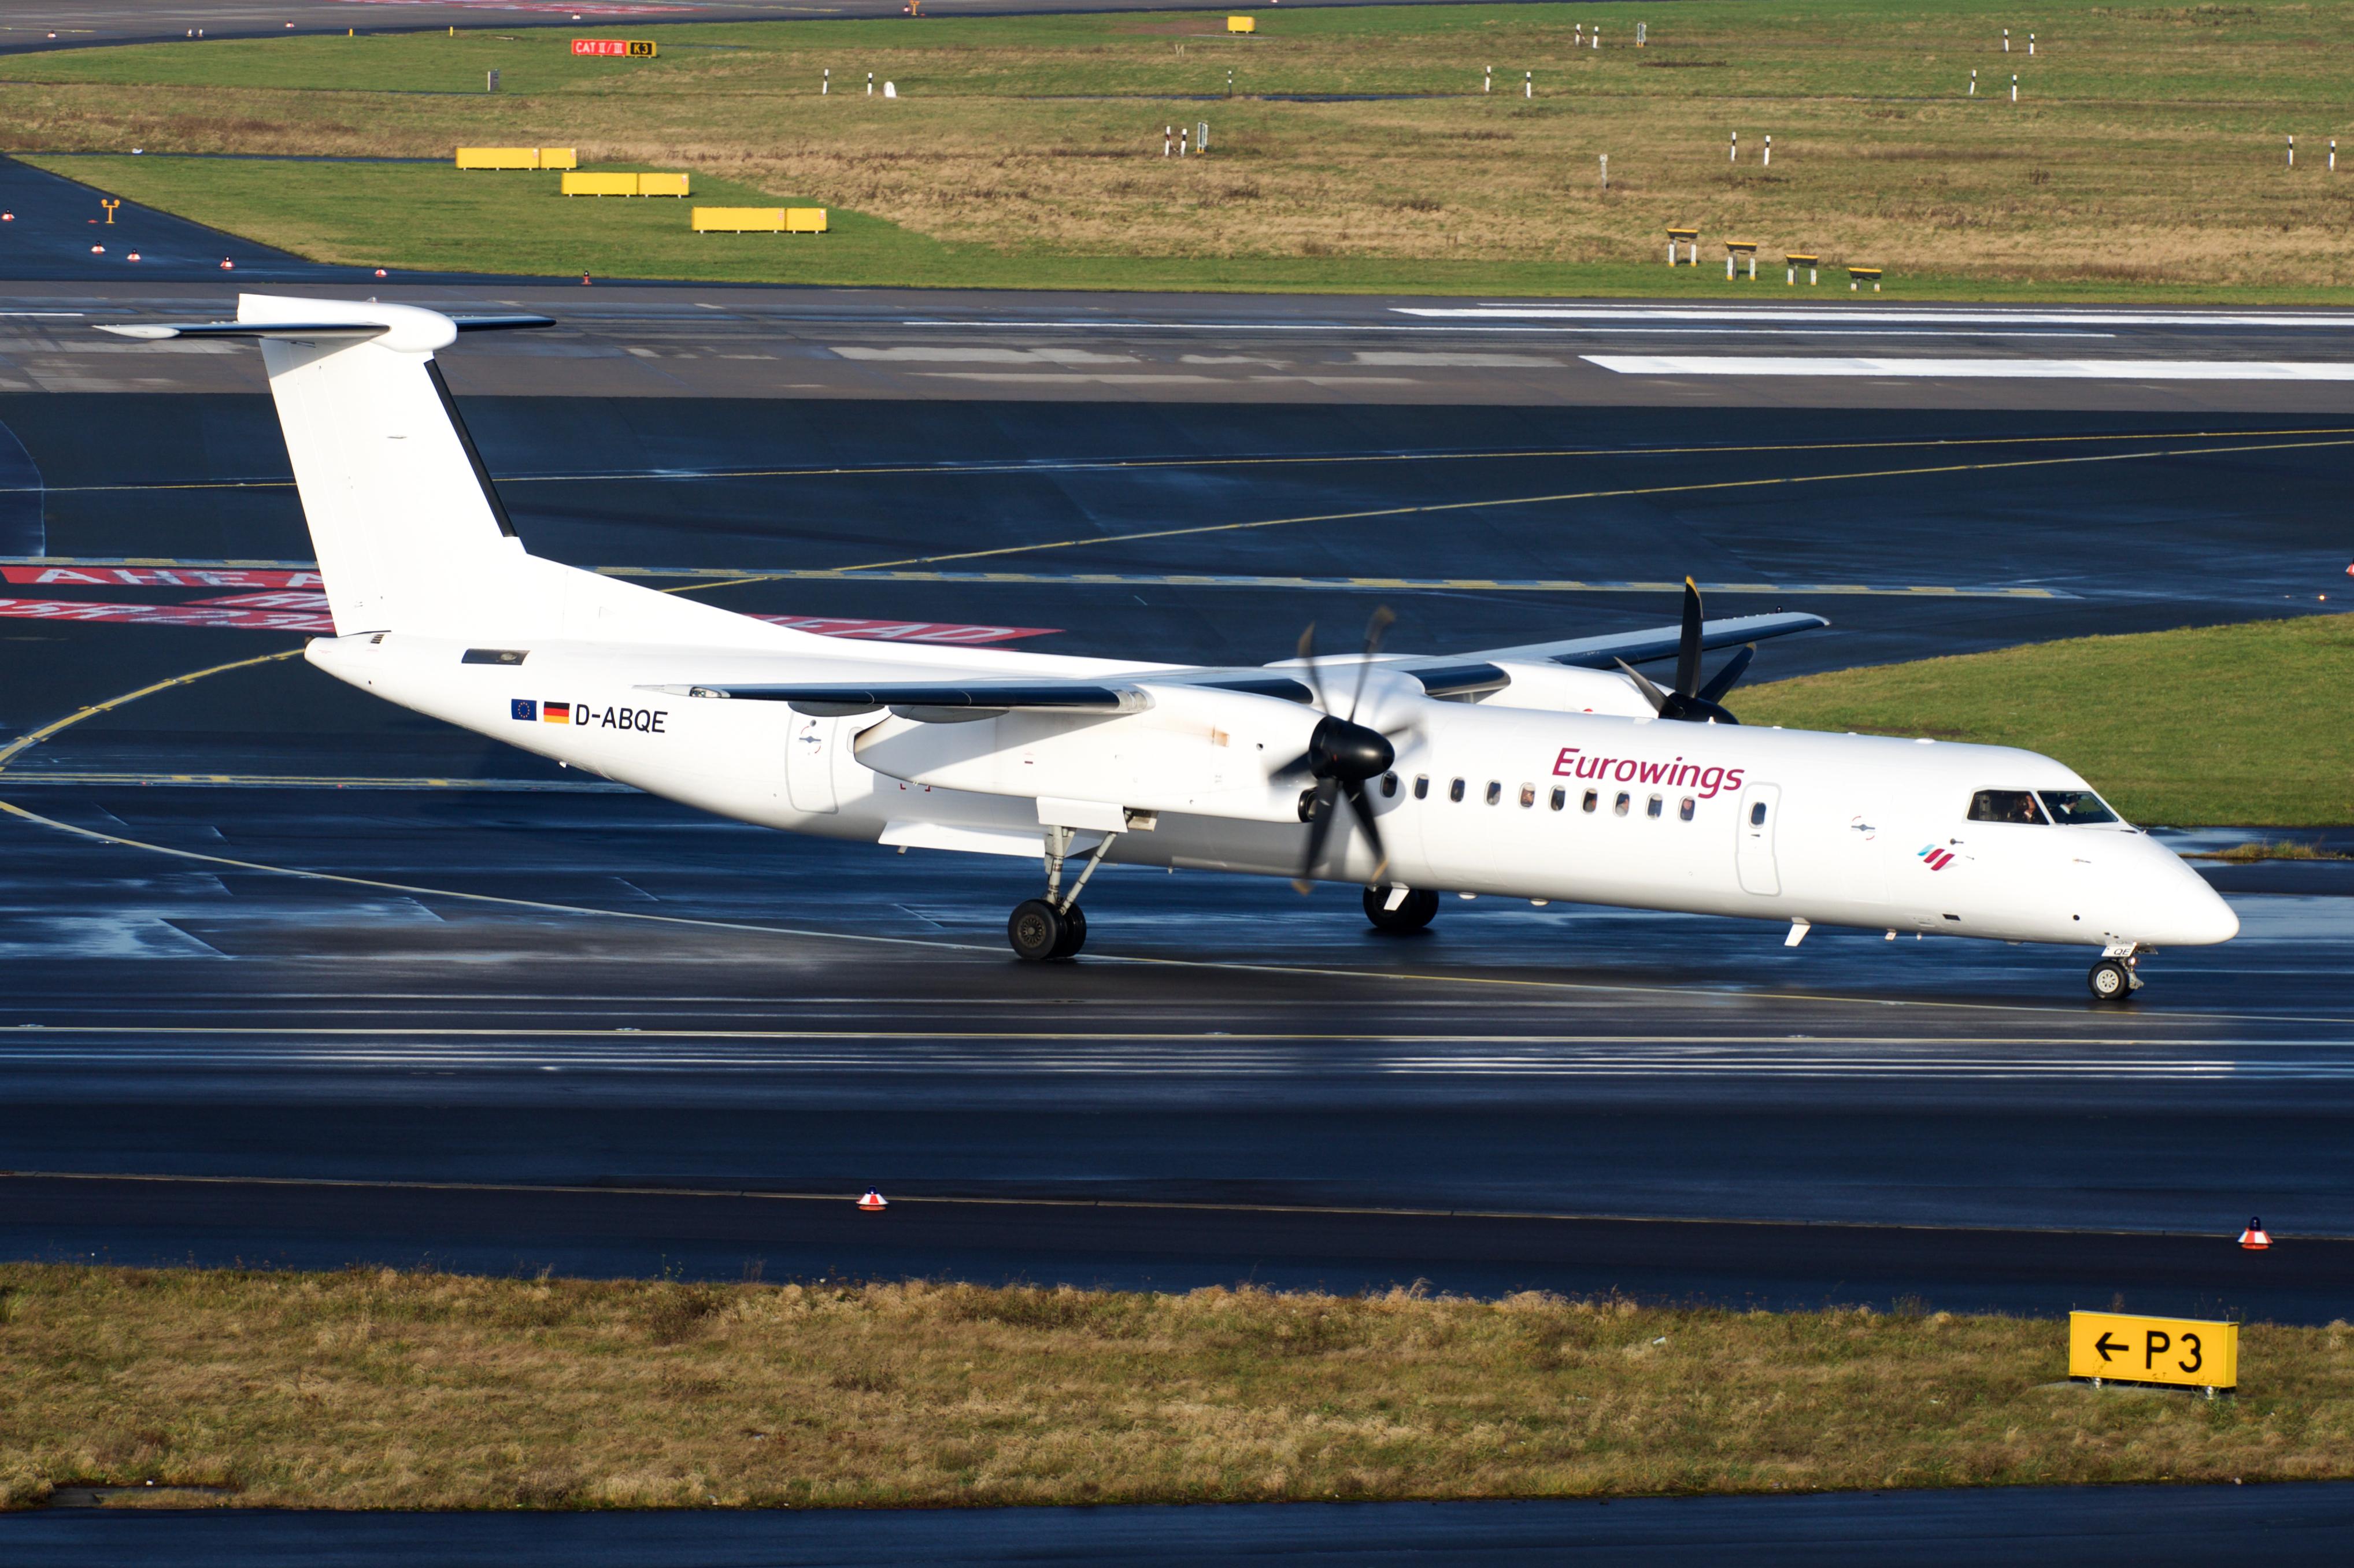 En Bombardier Dash 8-Q400 fra Lufthansa-datterselskabet LGW, der opererer for Eurowings. Foto: BriYYZ